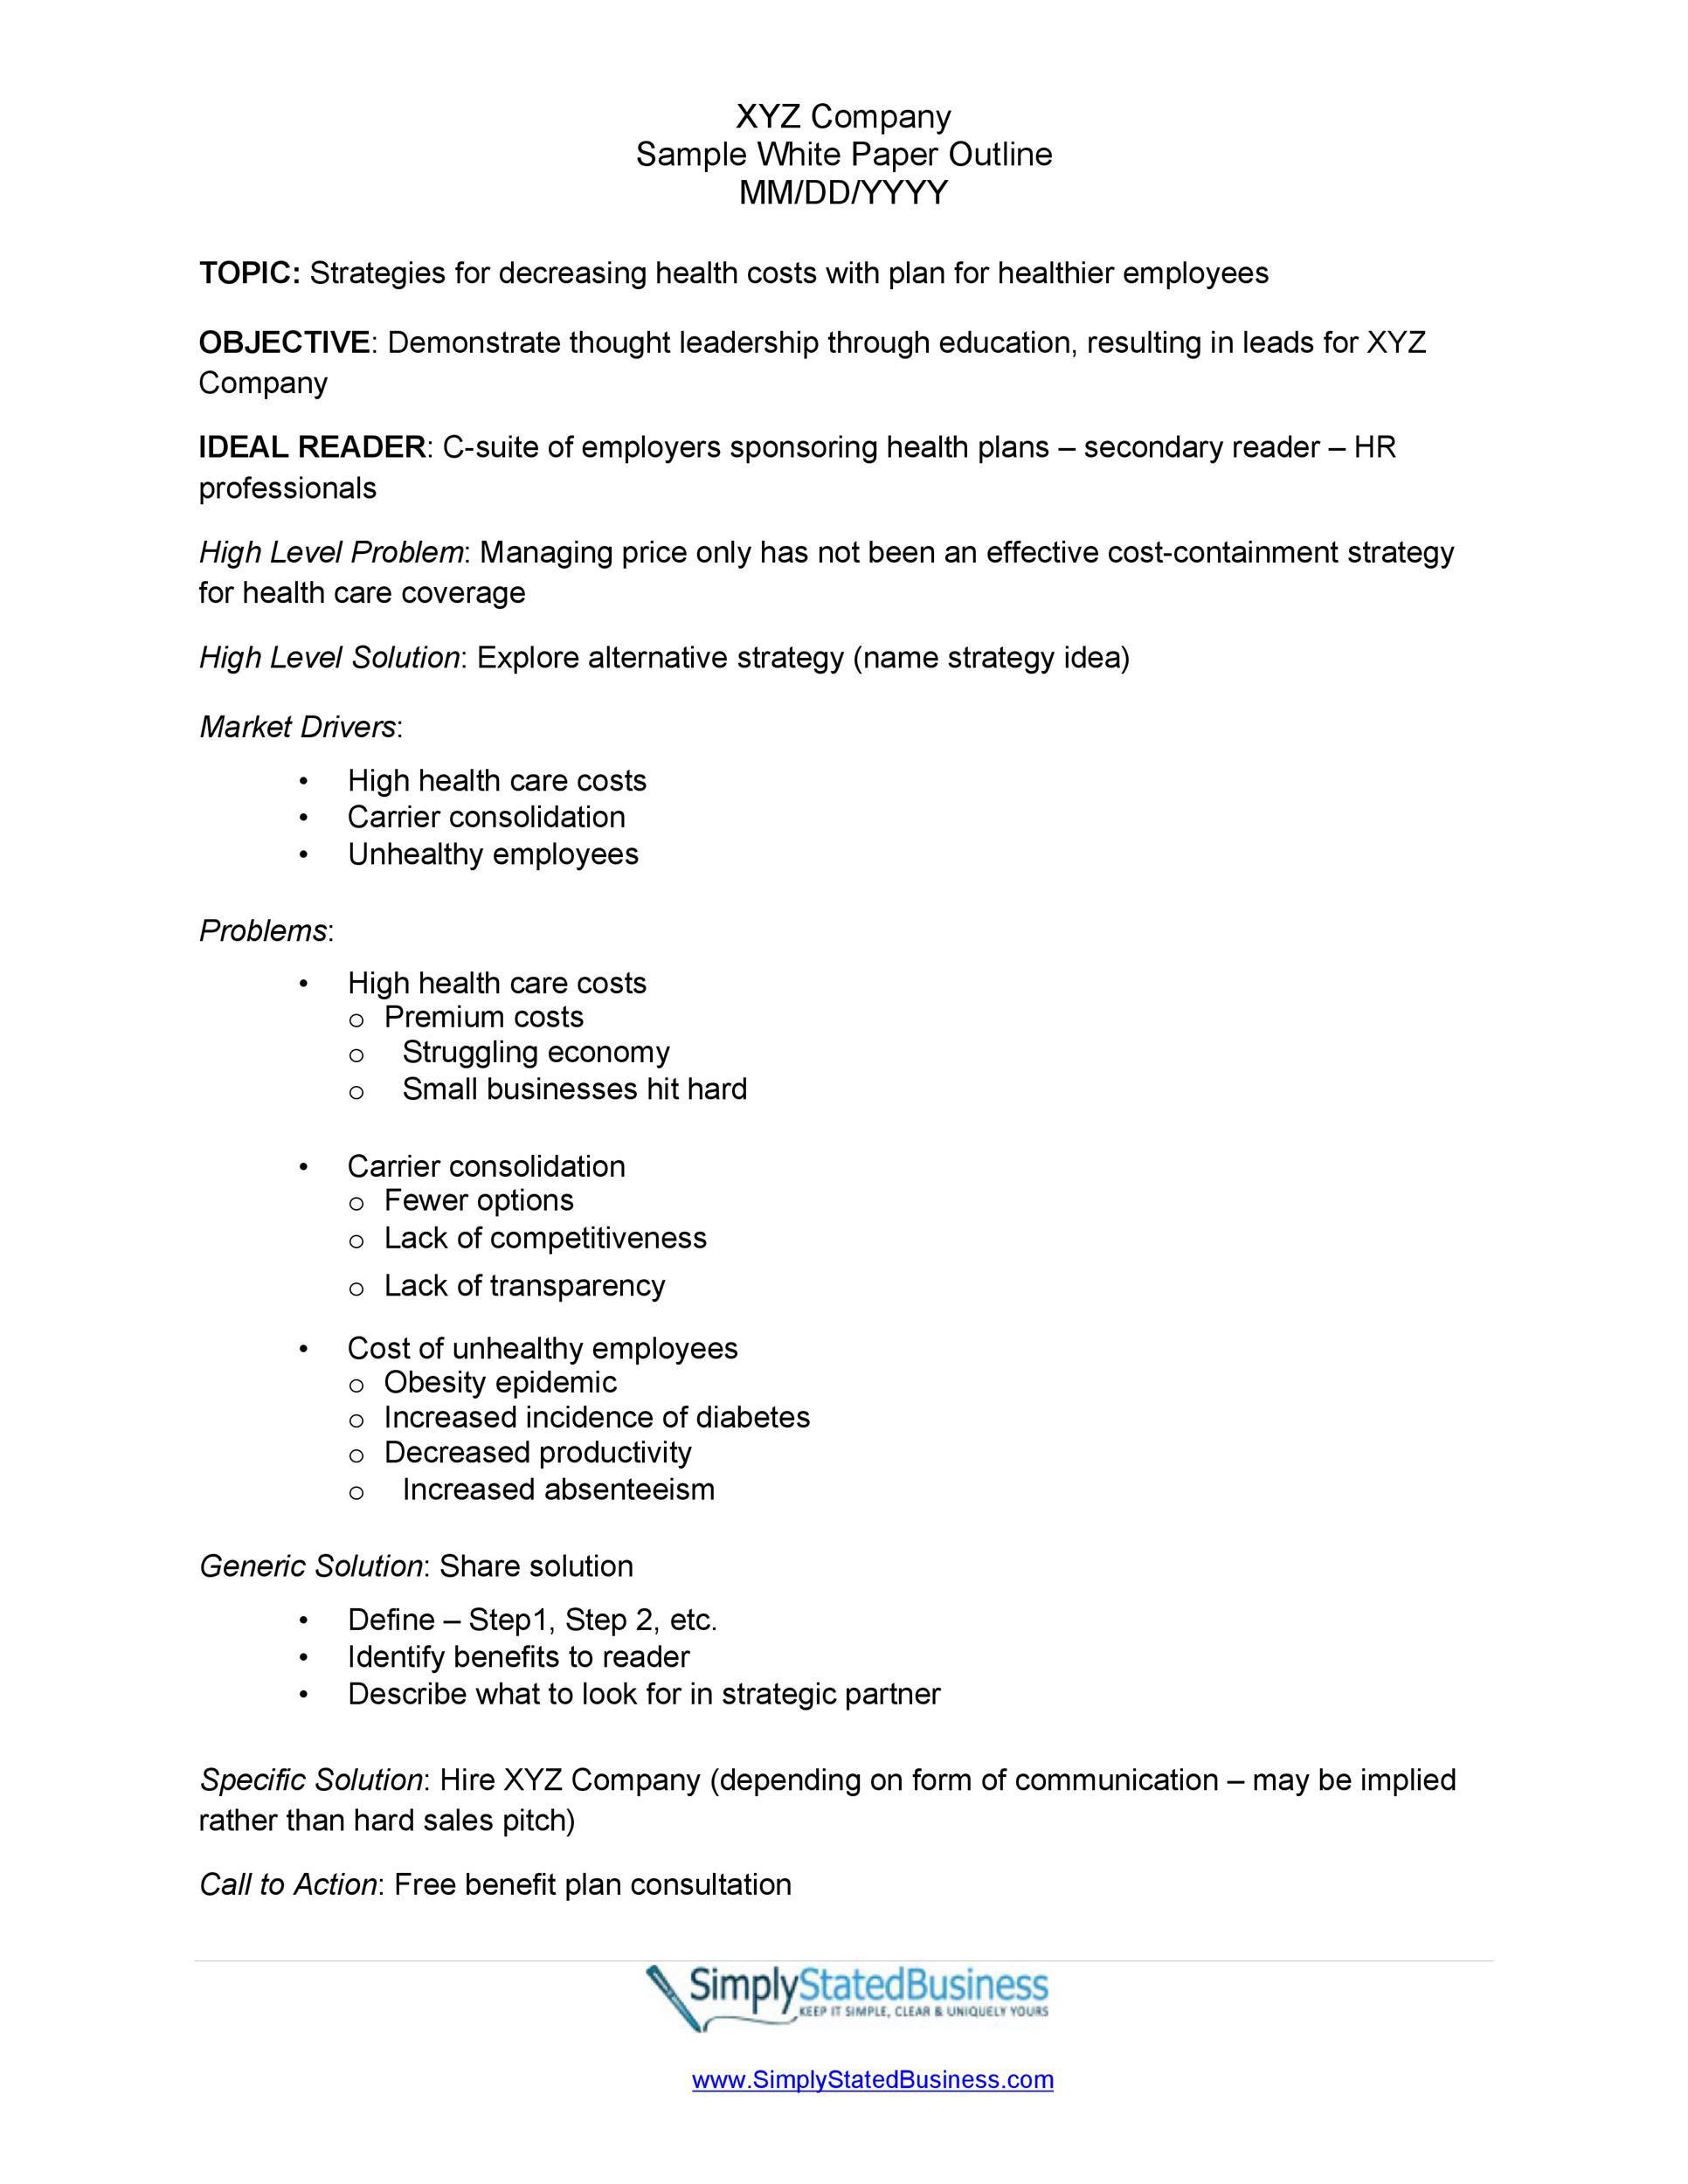 006 Remarkable White Paper Outline Sample Concept Full